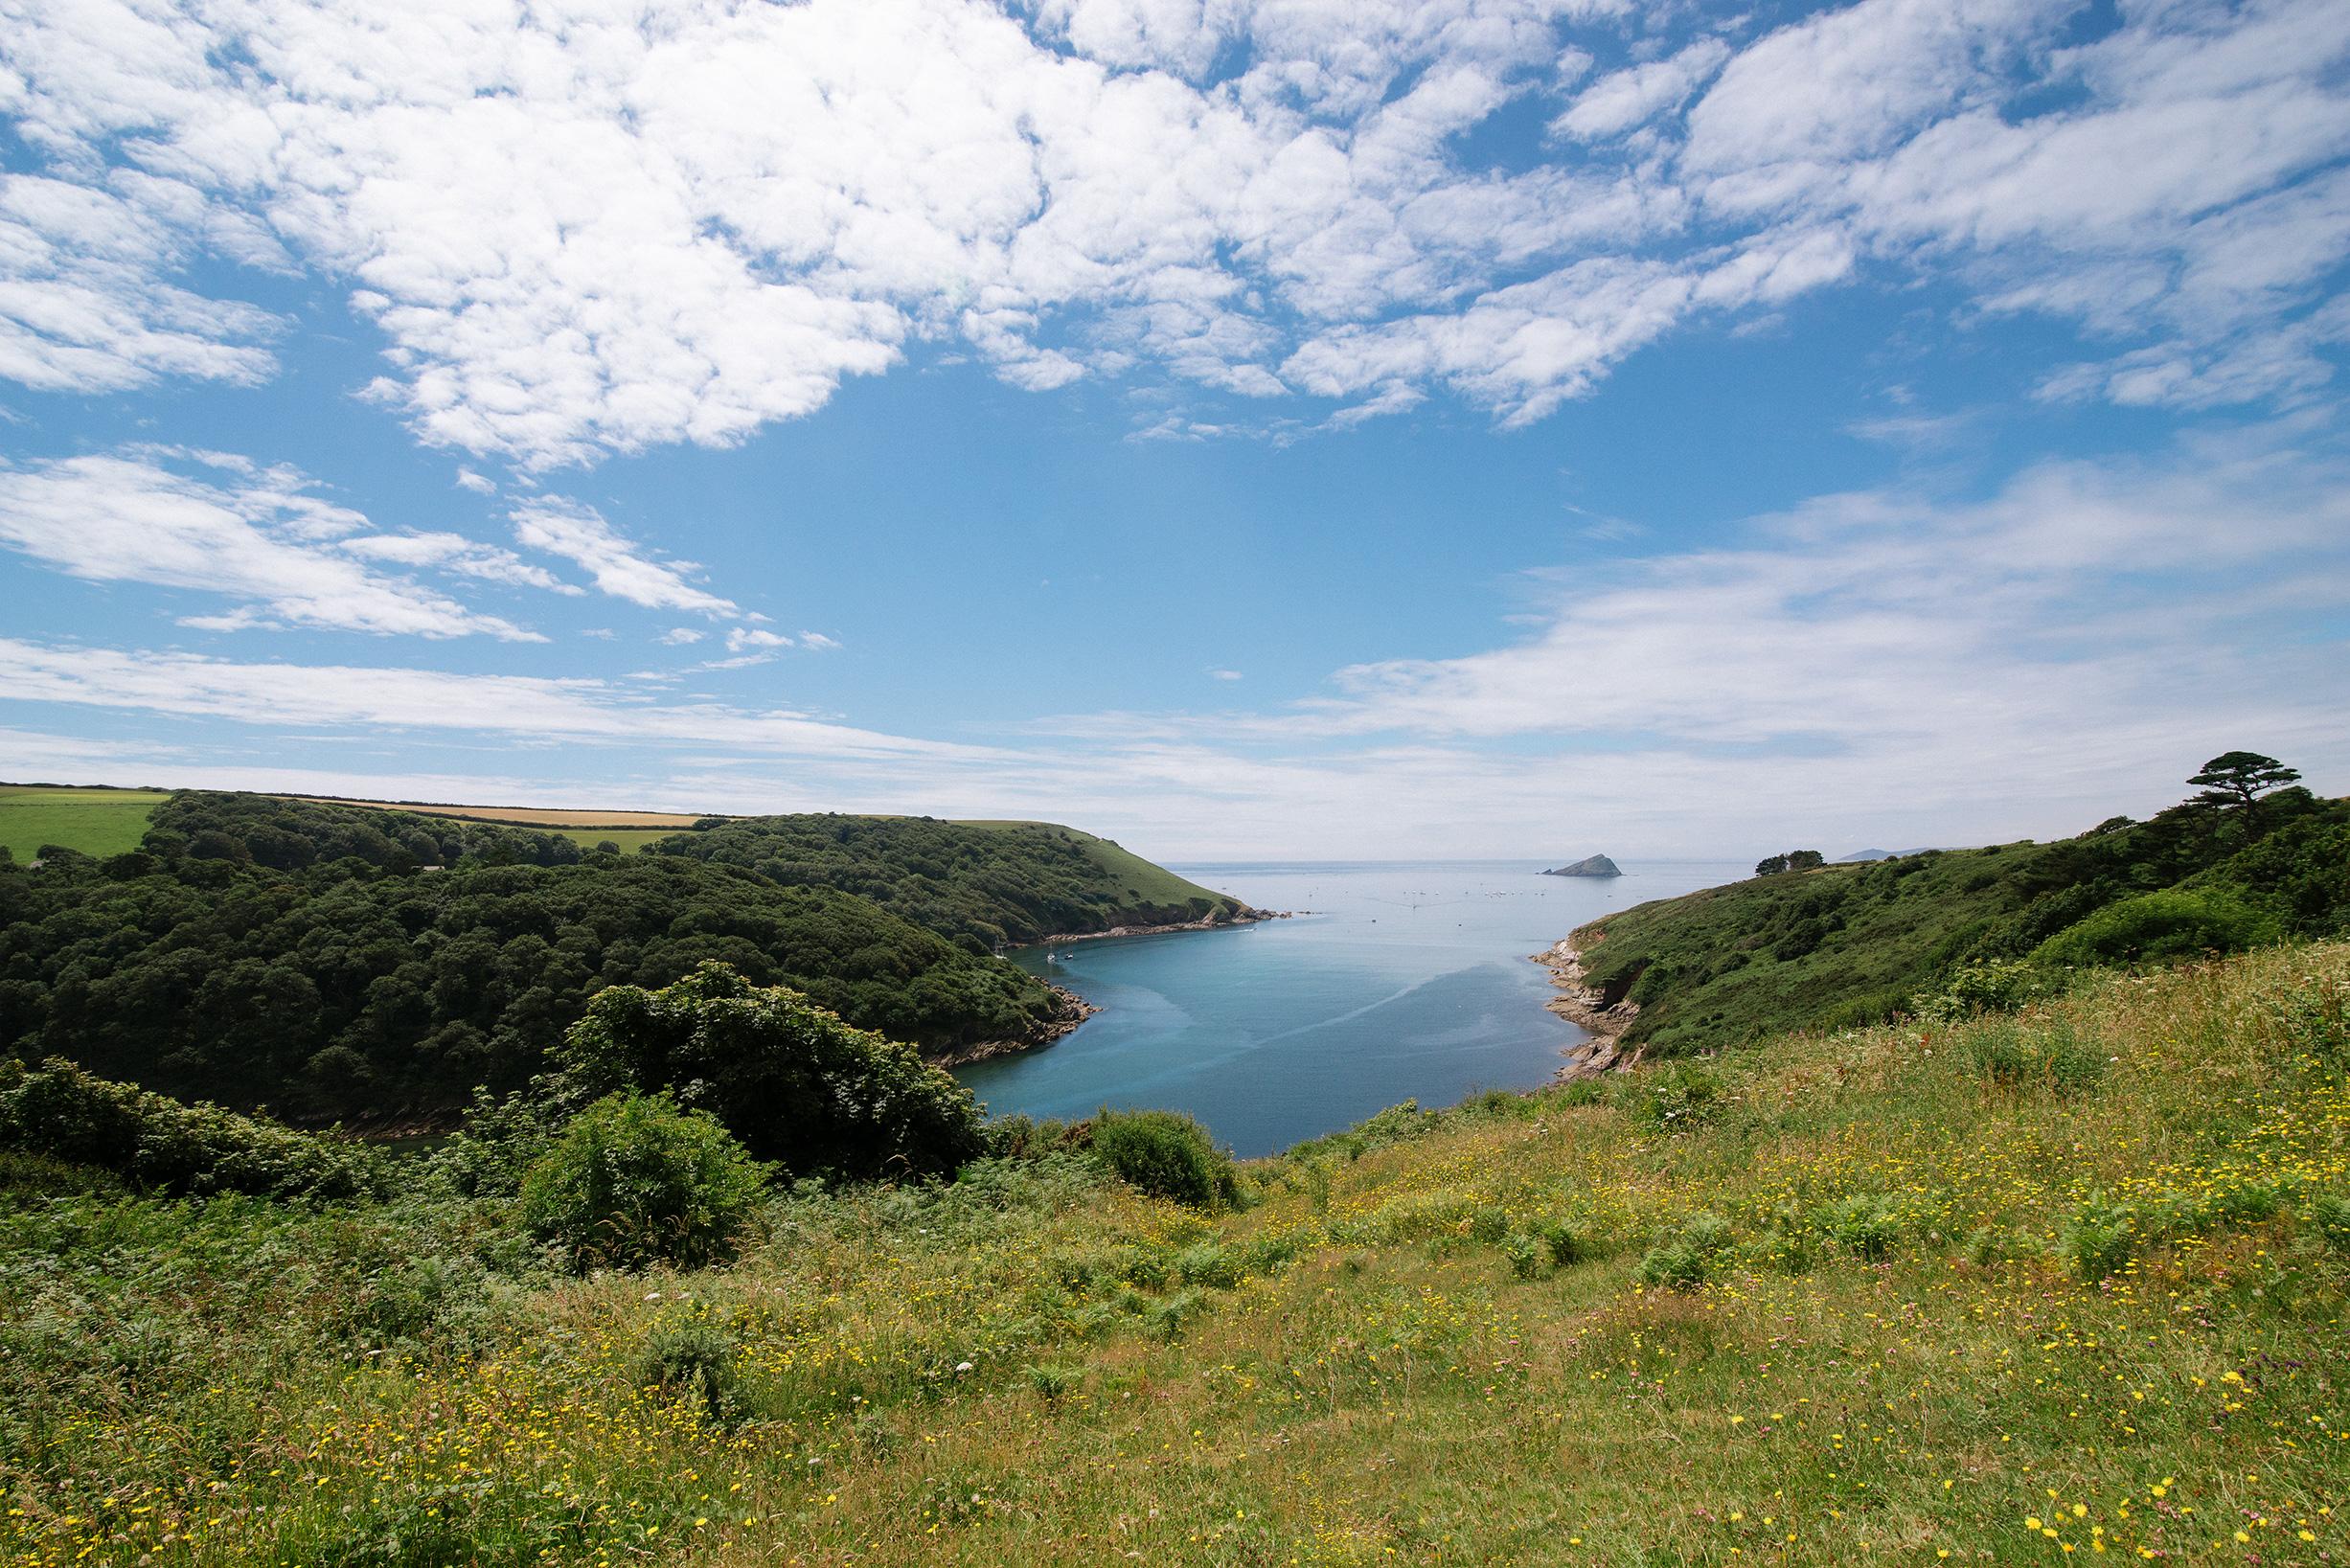 Wembury Bay Landscape, UK